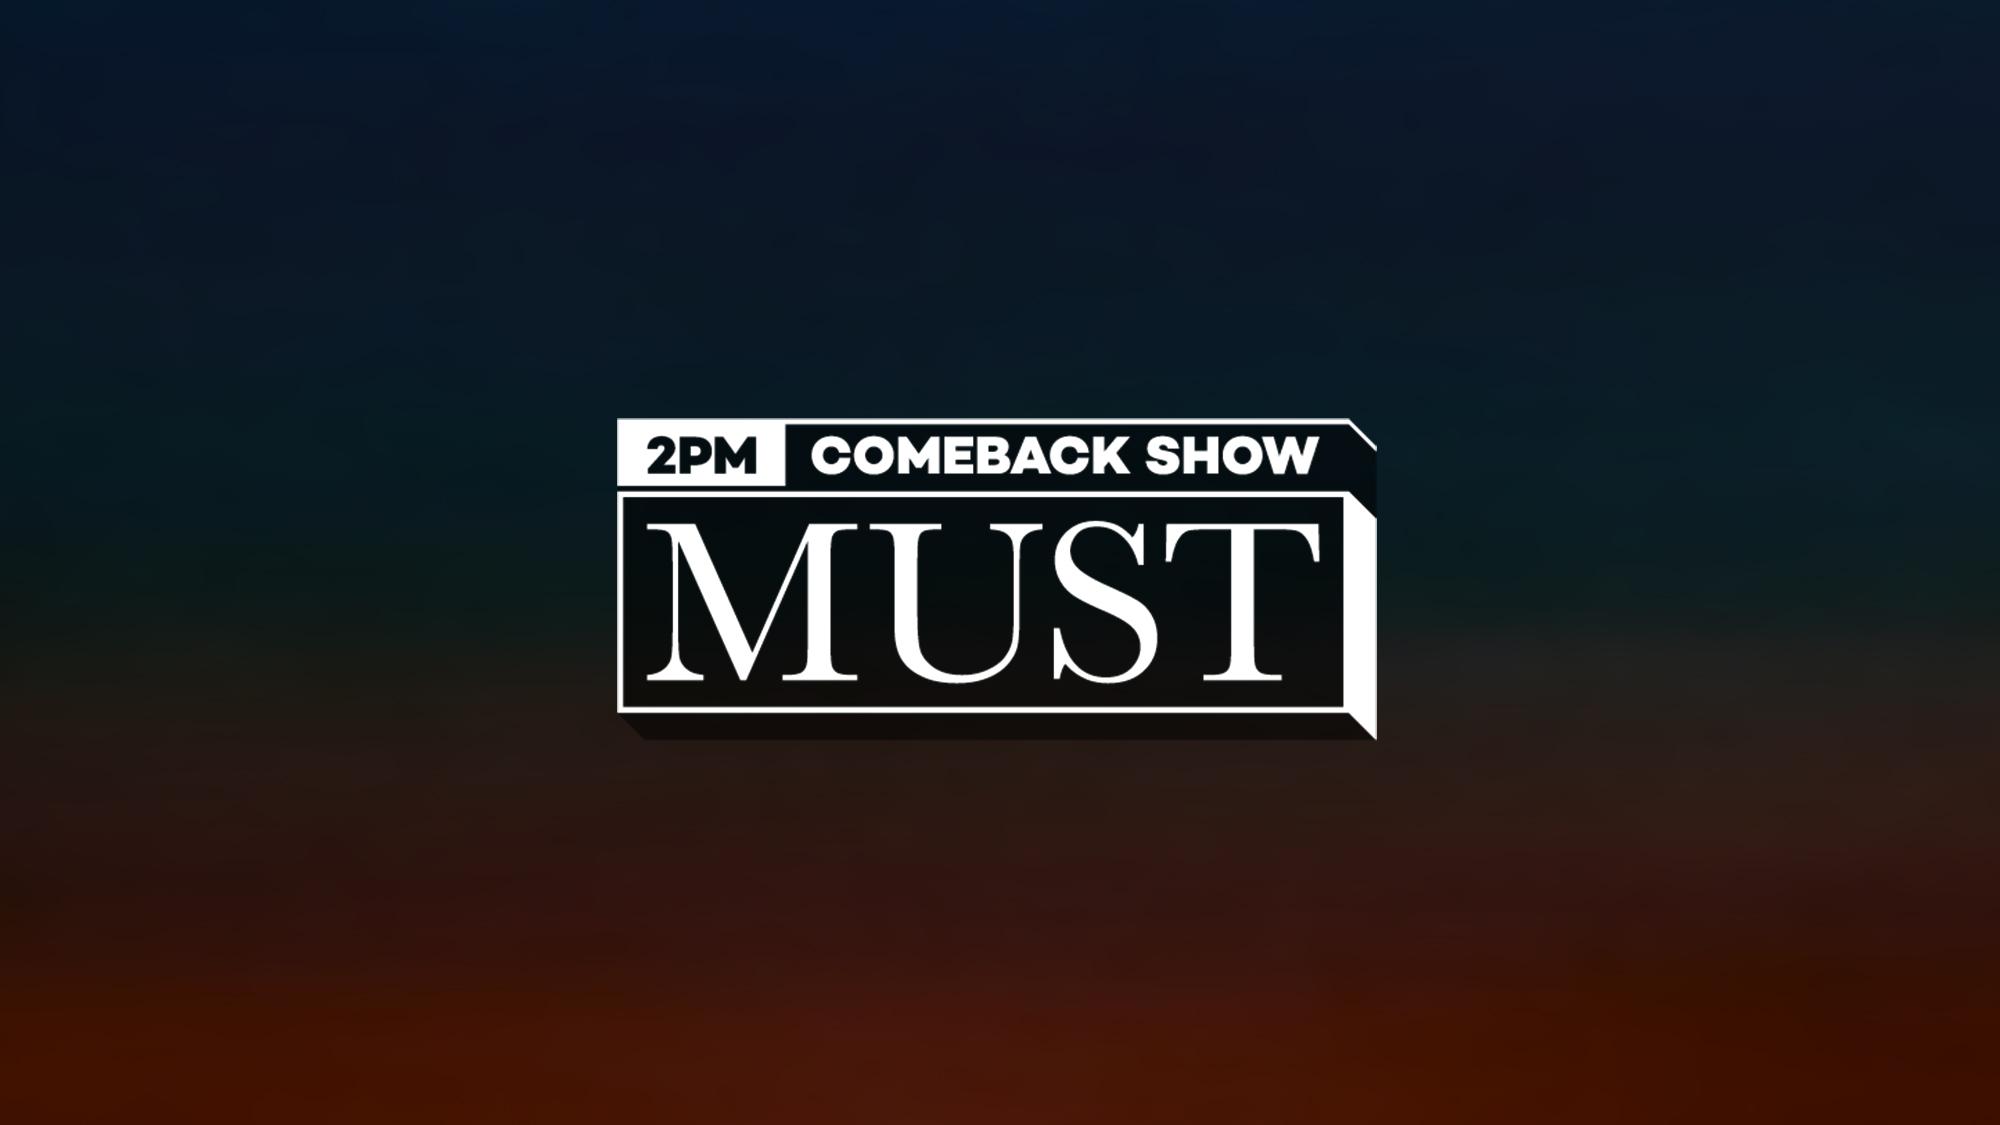 約5年ぶりに完全体カムバックを果たす2PMのスペシャル番組!「2PM Comeback Show 'MUST'」6月28日19:00~日韓同時放送!